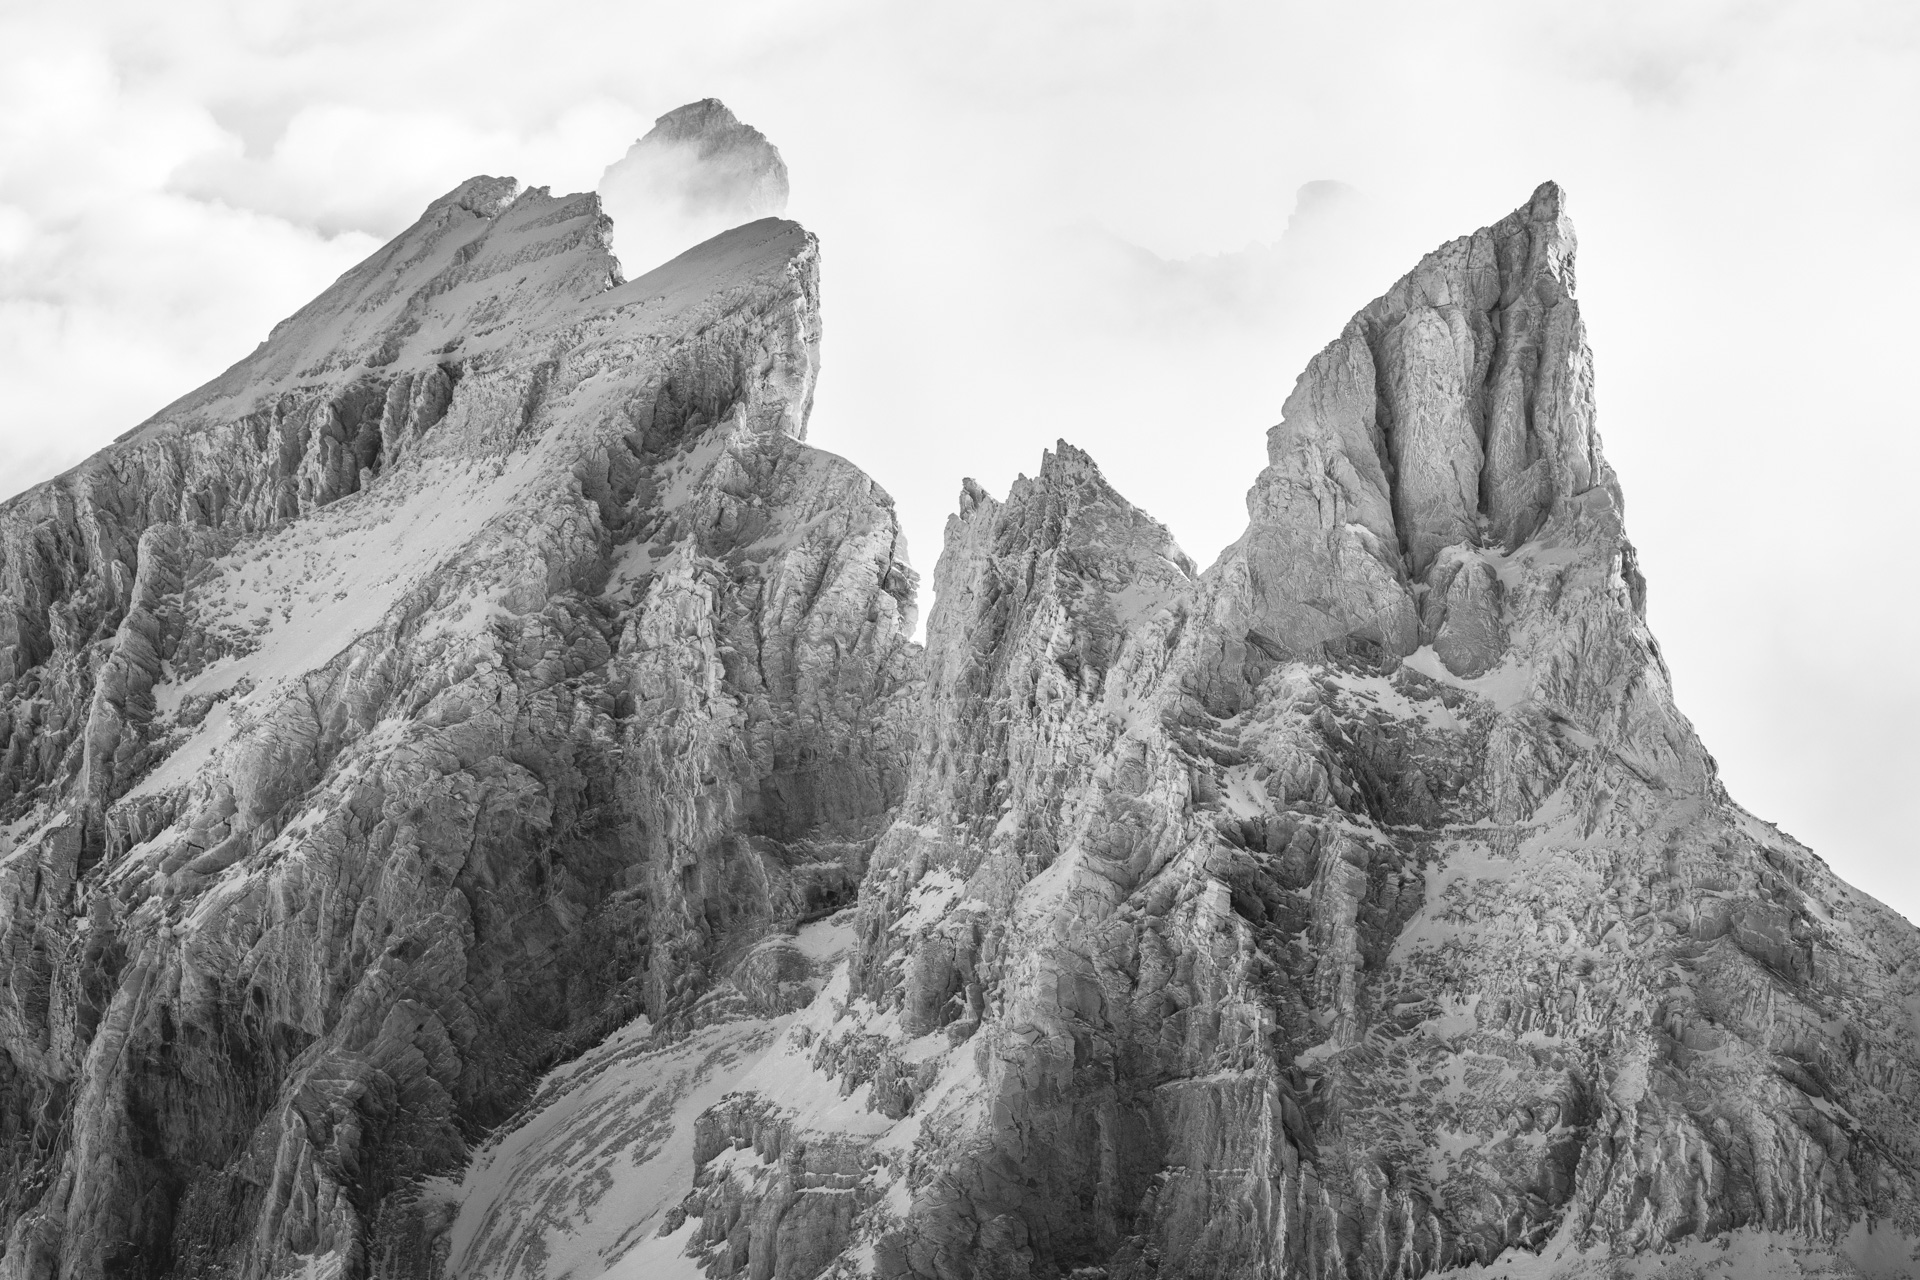 photo paysage de montagne en hiver - L'Eperon, La Cathédrale, La Forteresse, Cîme de l'Est